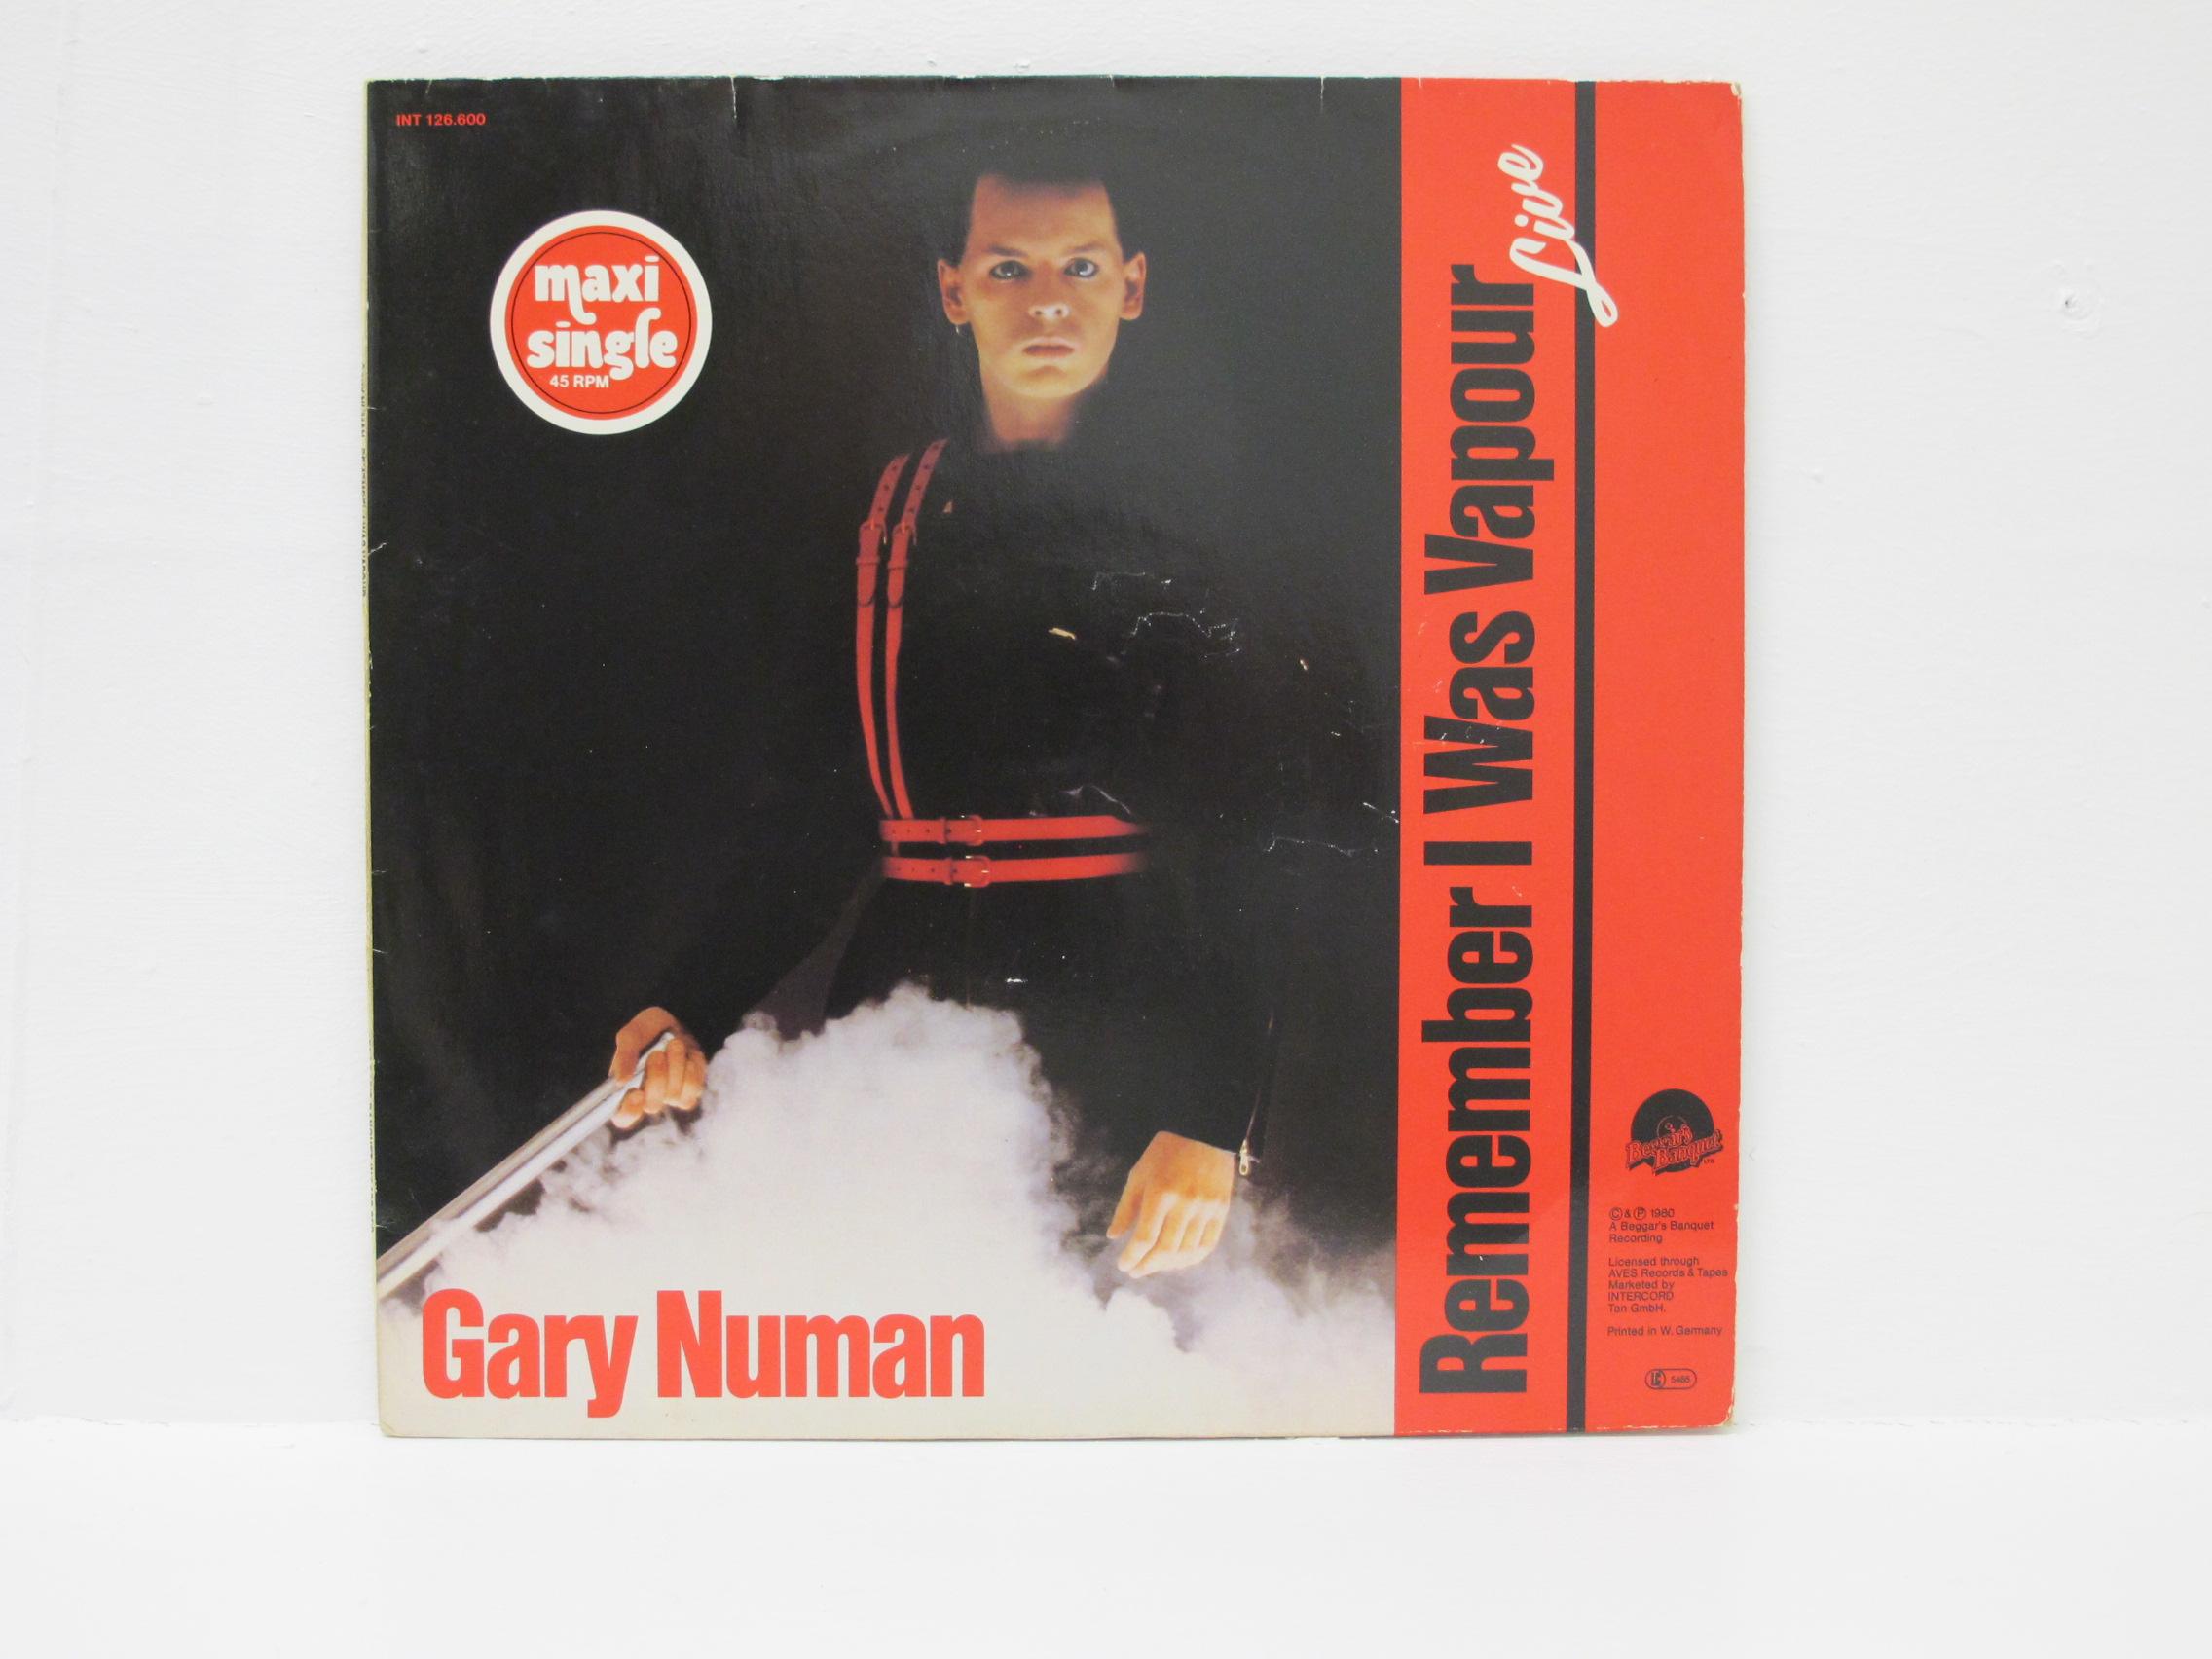 Gary Numan - Remember I Was Vapour (Live)